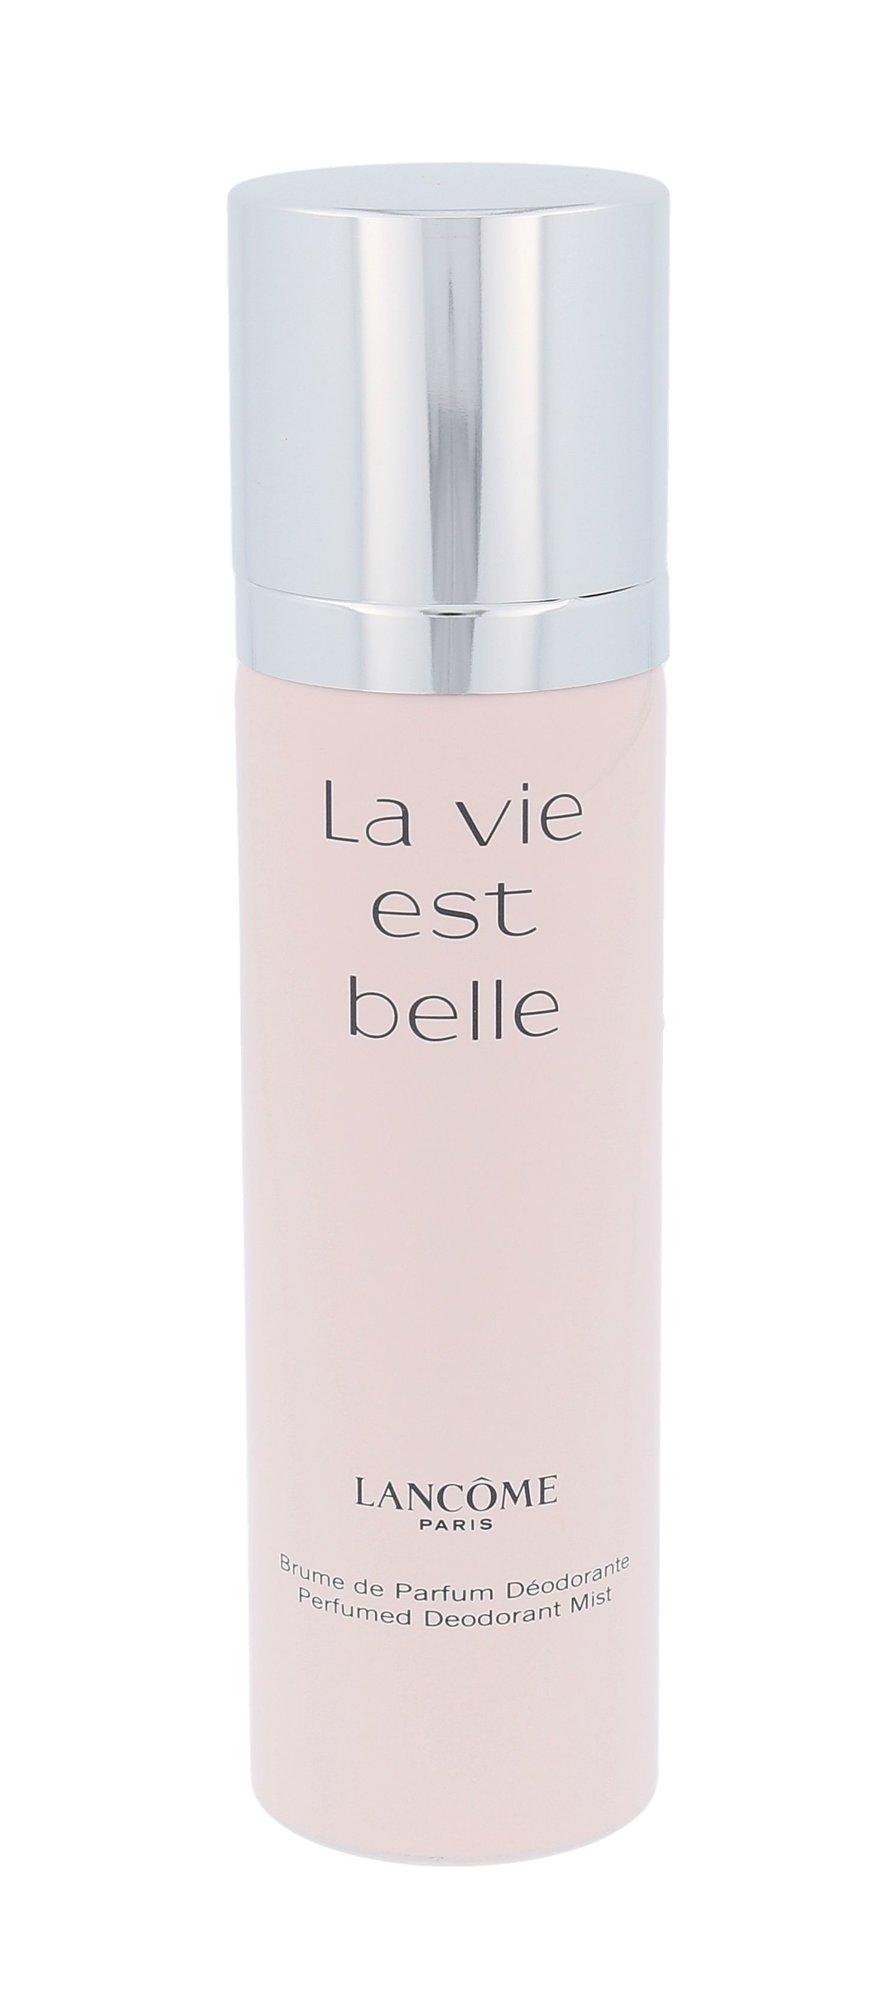 Lancôme La Vie Est Belle Deodorant 100ml